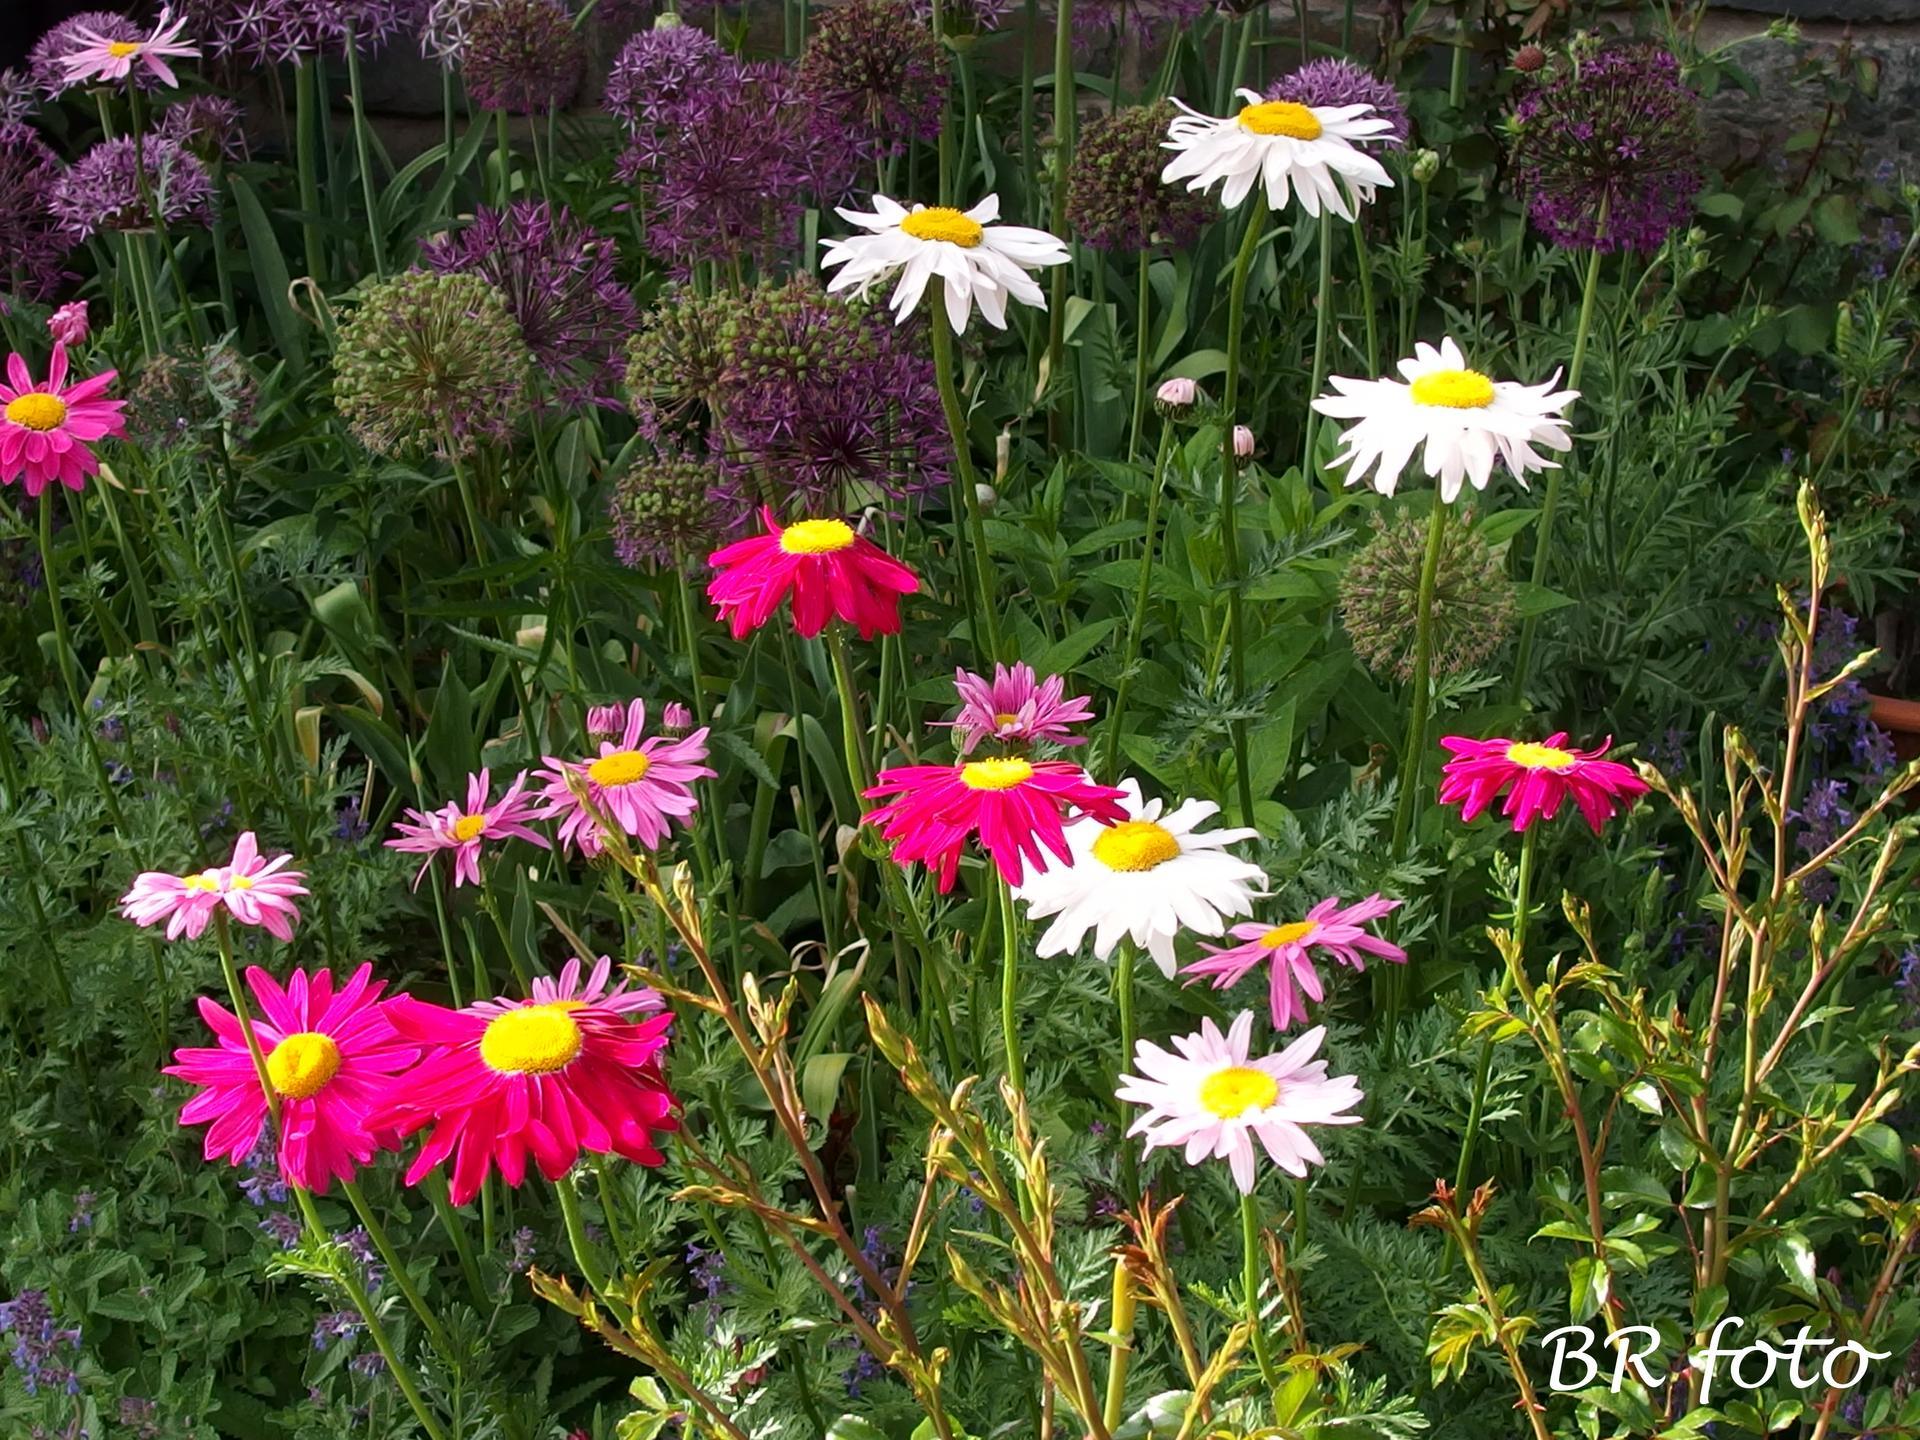 Kopretina řimbaba růžová - vděčná a nenáročná trvalka, vypěstovala jsem ze semínek, má mnoho odstínů růžové od světlounké po tmavou. Je vhodná do smíšených trvalkových záhonů. - Obrázek č. 1